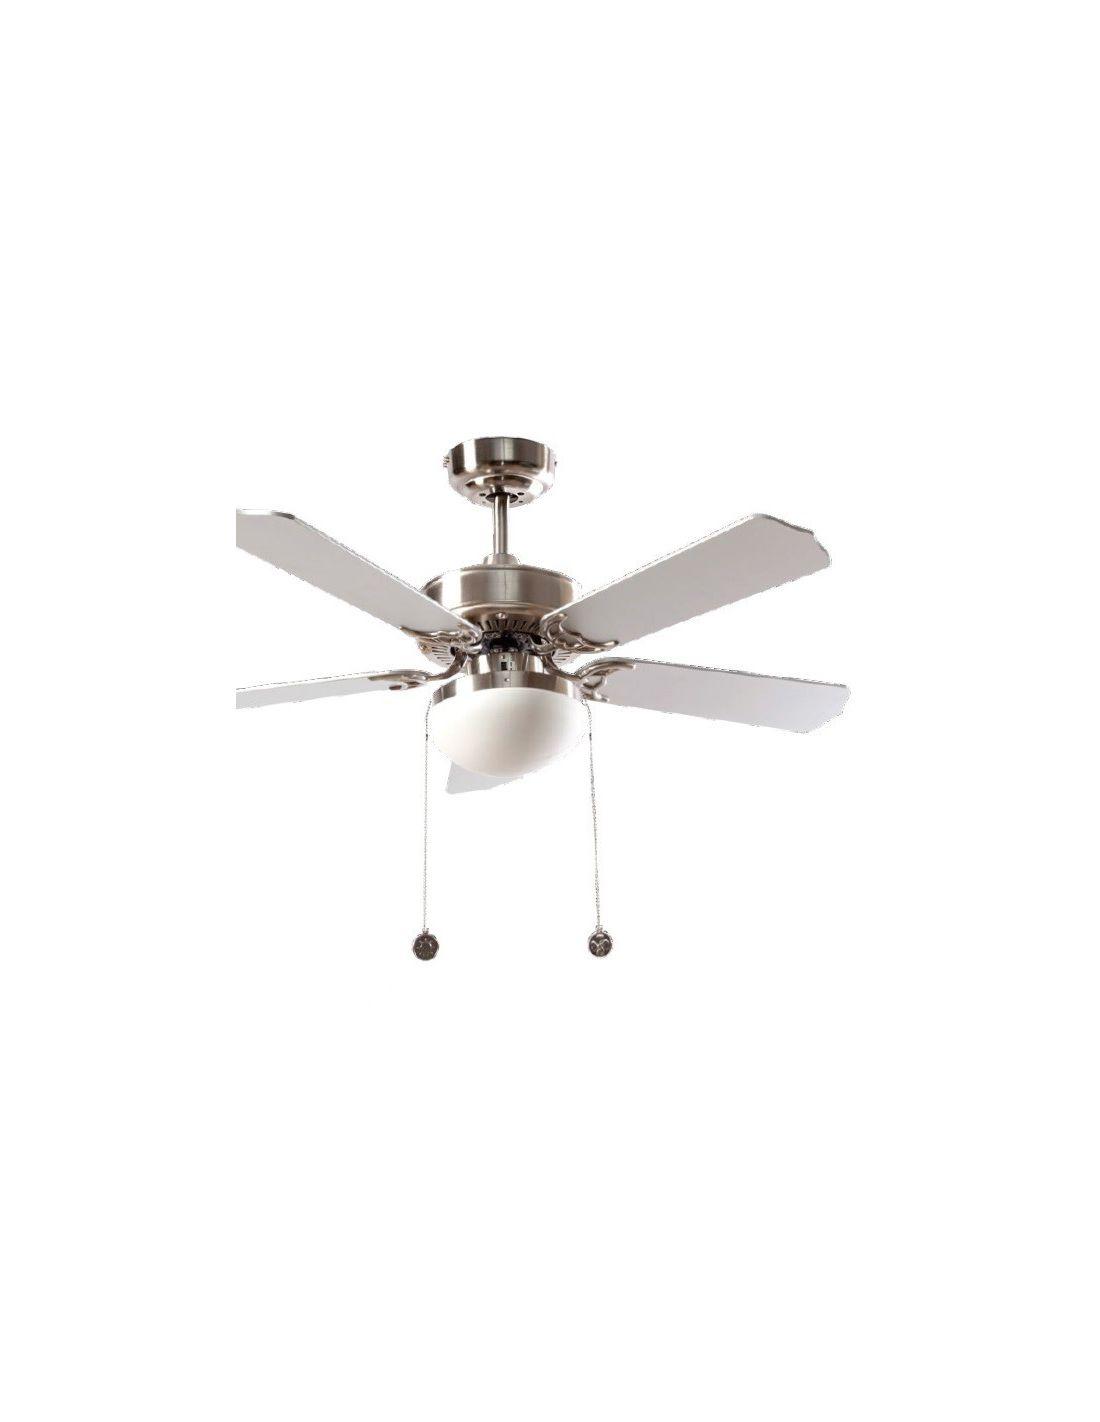 Ventilador de techo con palas reversibles plata y haya - Fotos de ventiladores de techo ...